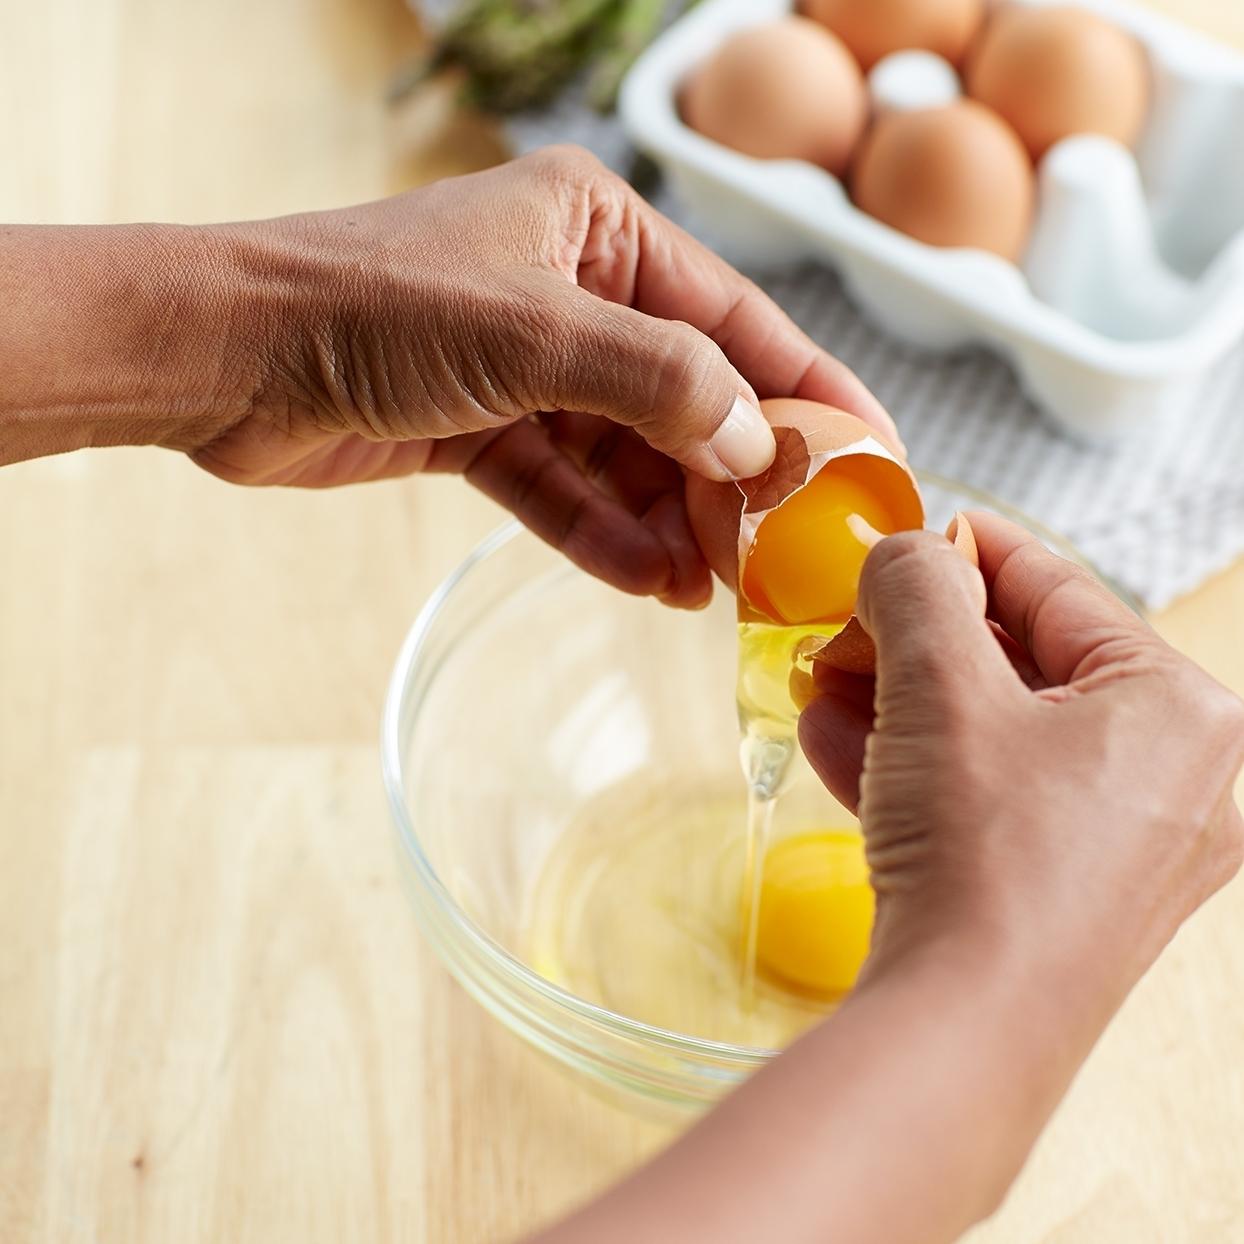 Как лучше разбить яйцо